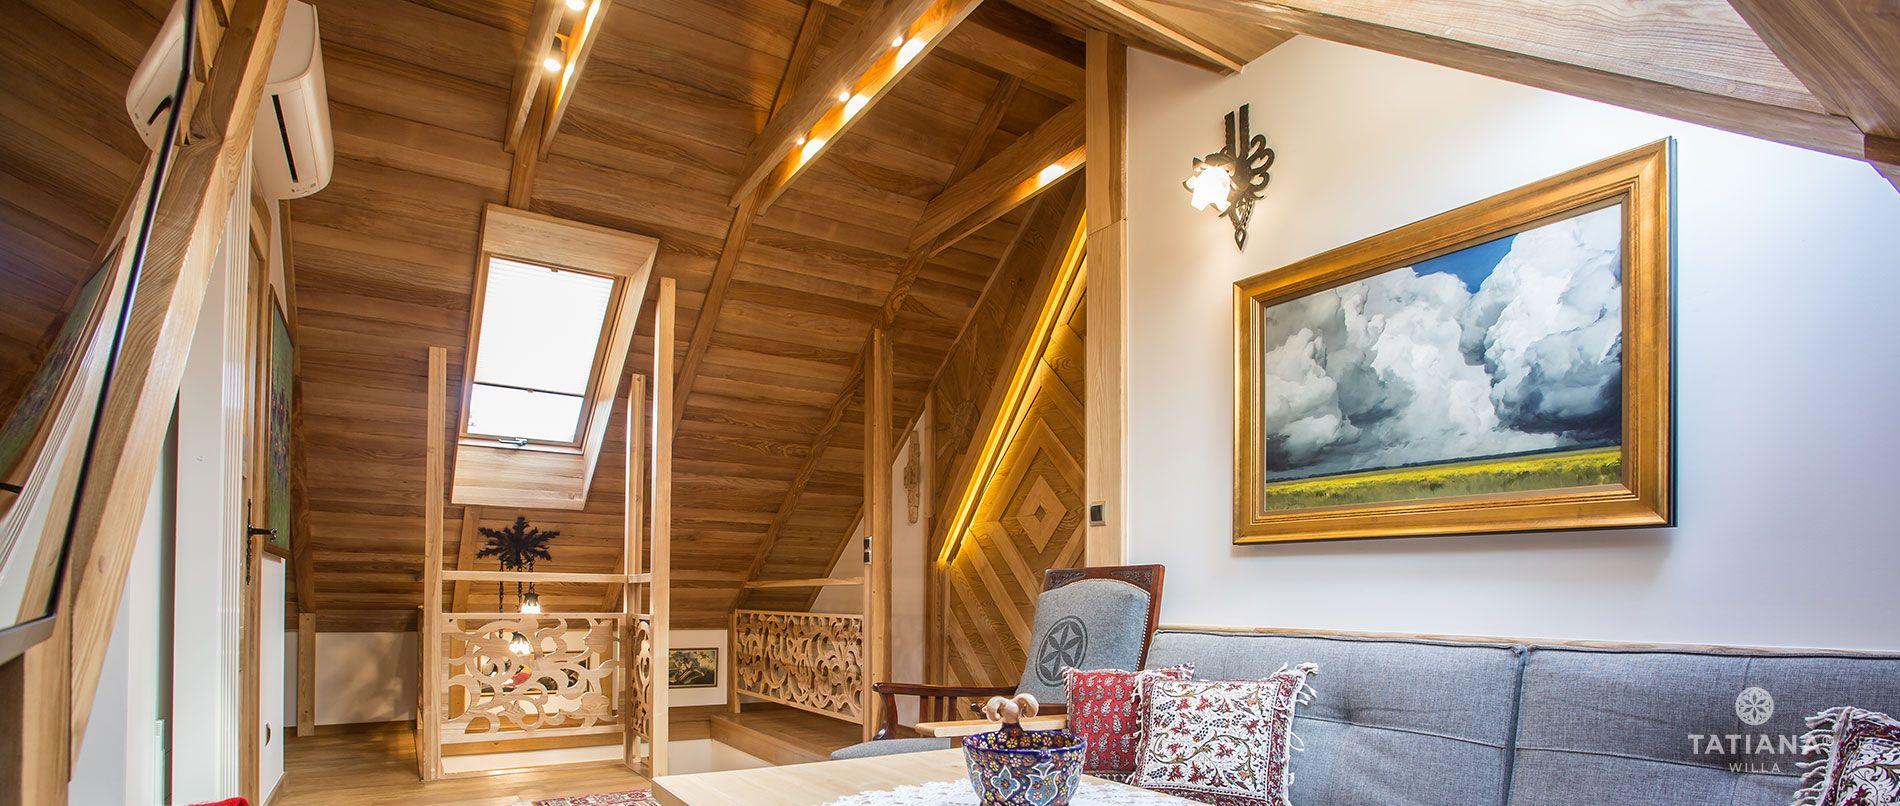 Tatra Apartment - second floor